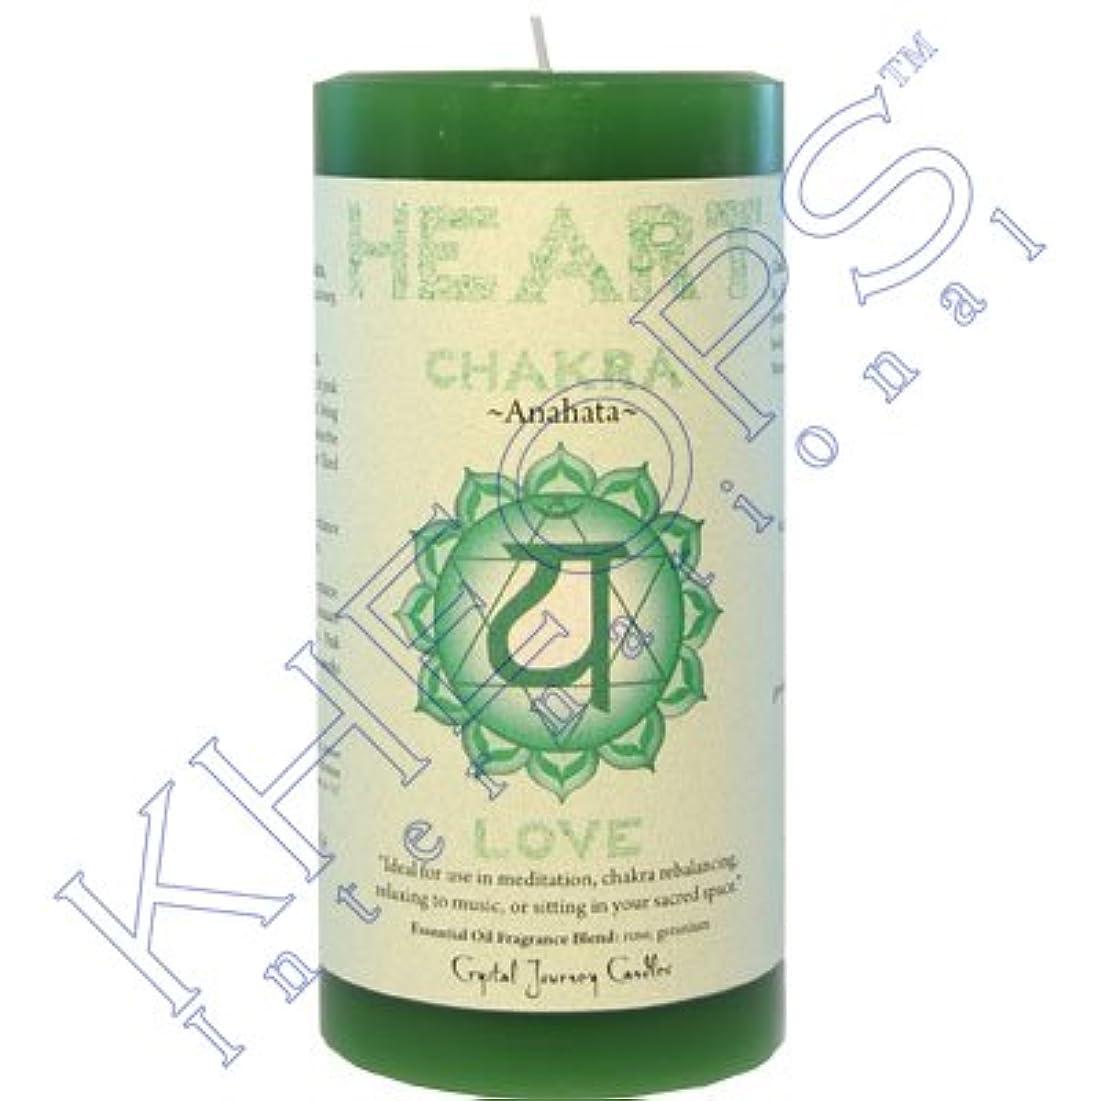 貧しい再生的くPillar Chakra Green-Heart Anahata by Treasures Stones Crystals & More [並行輸入品]